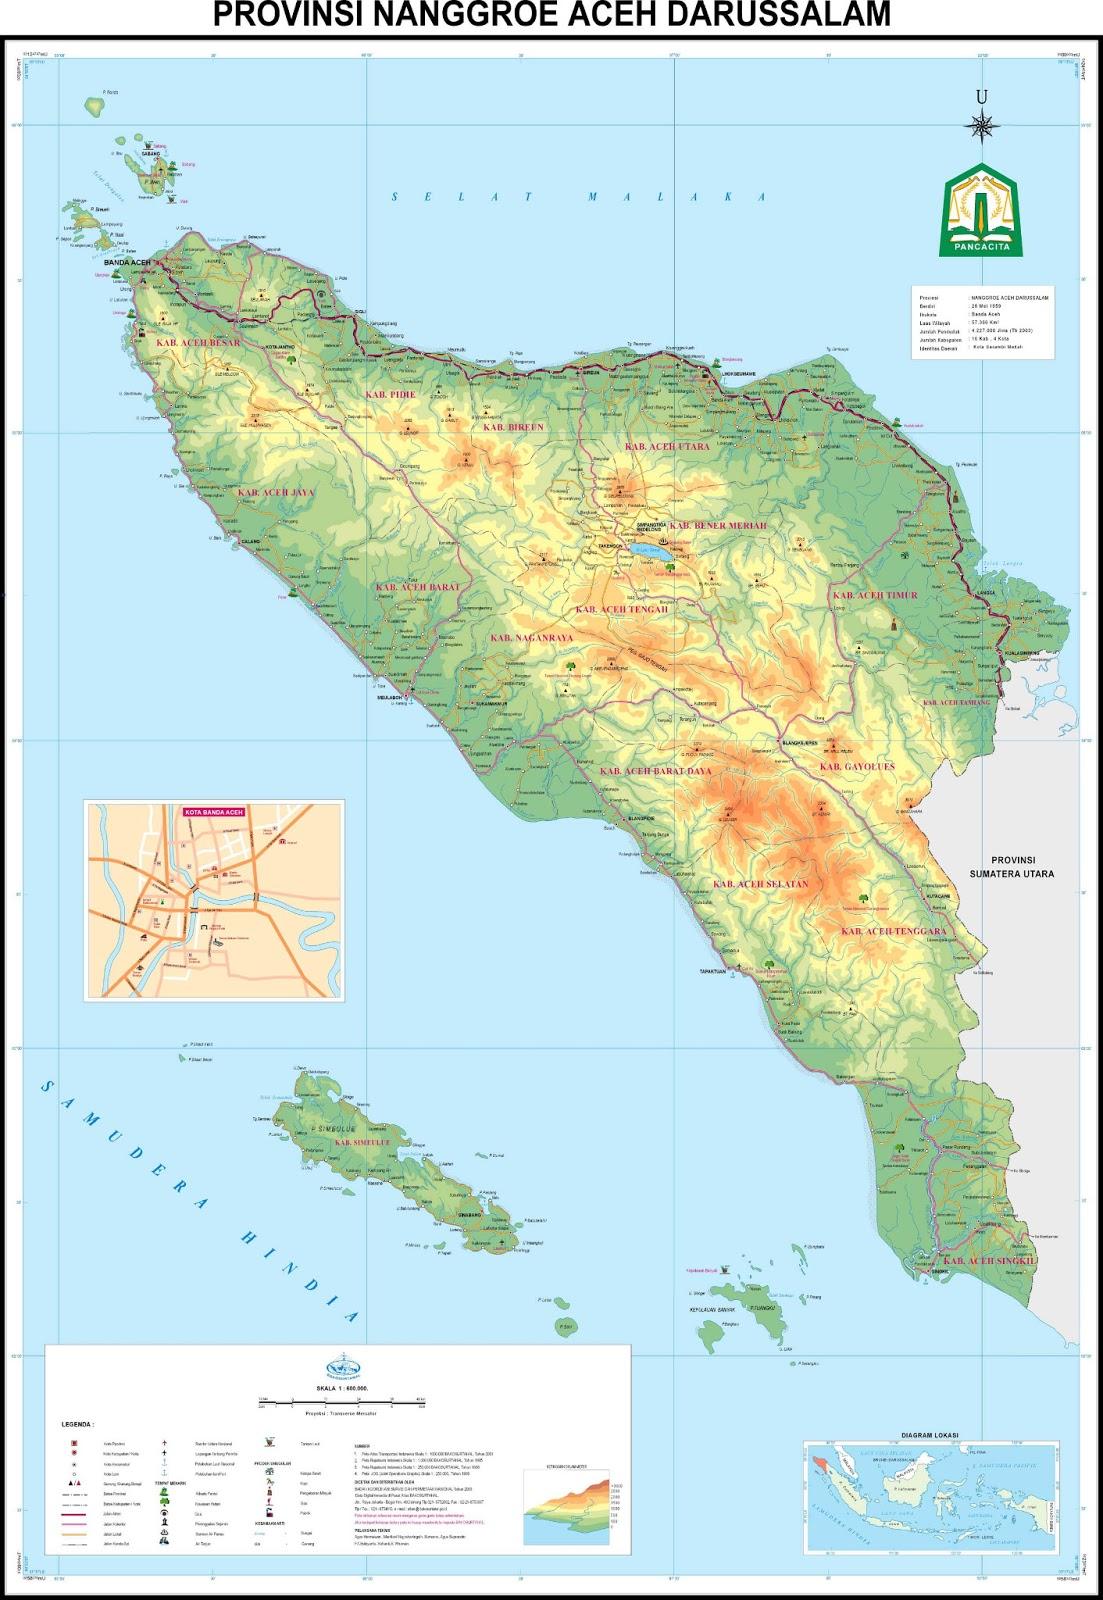 Jumlah Penduduk Berdasarkan Agama di Provinsi Aceh ...